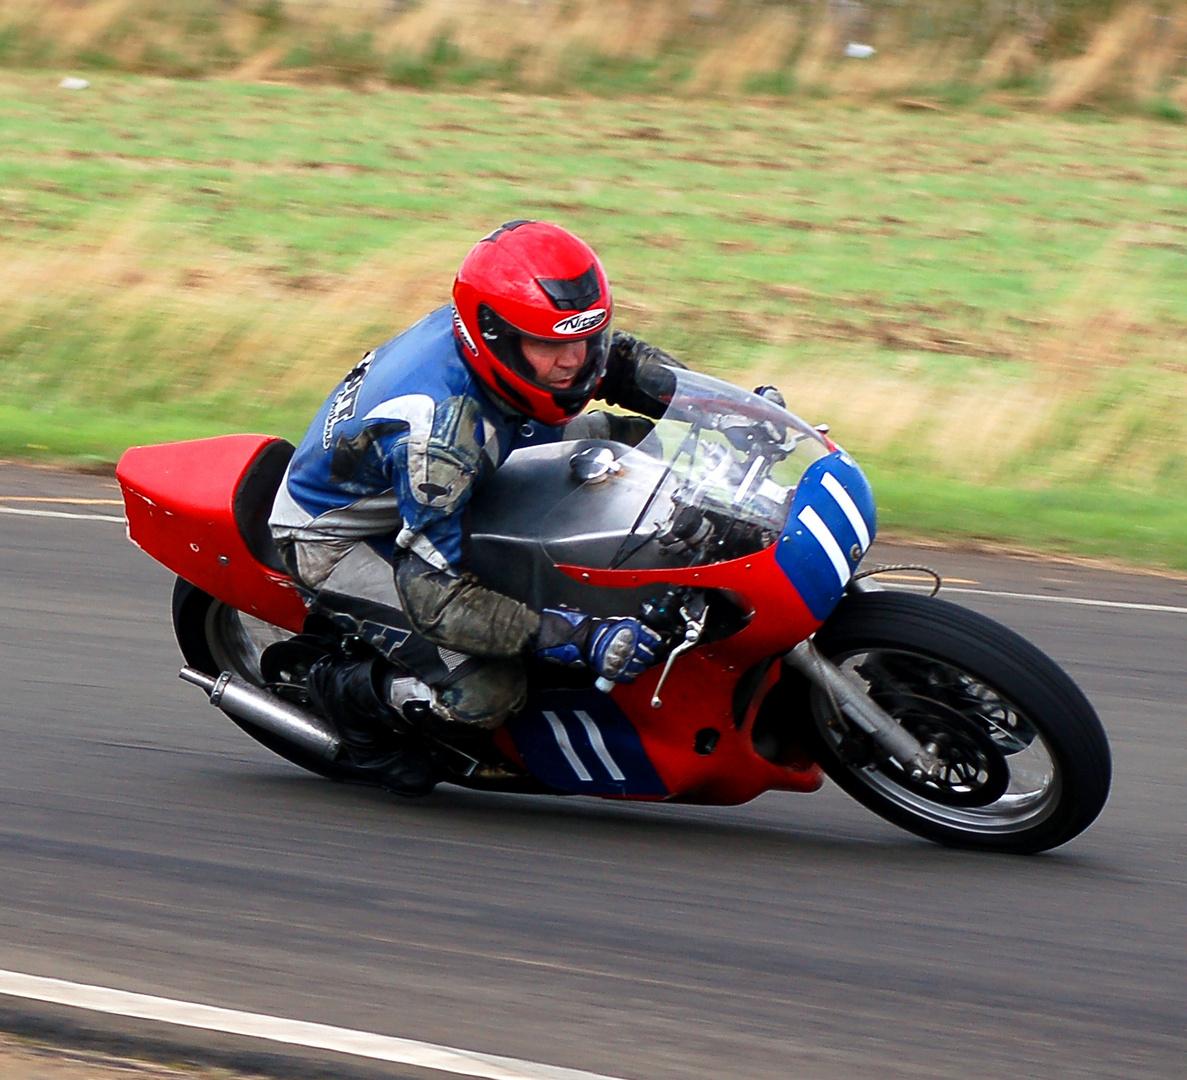 Yamaha TZ 350 Rider